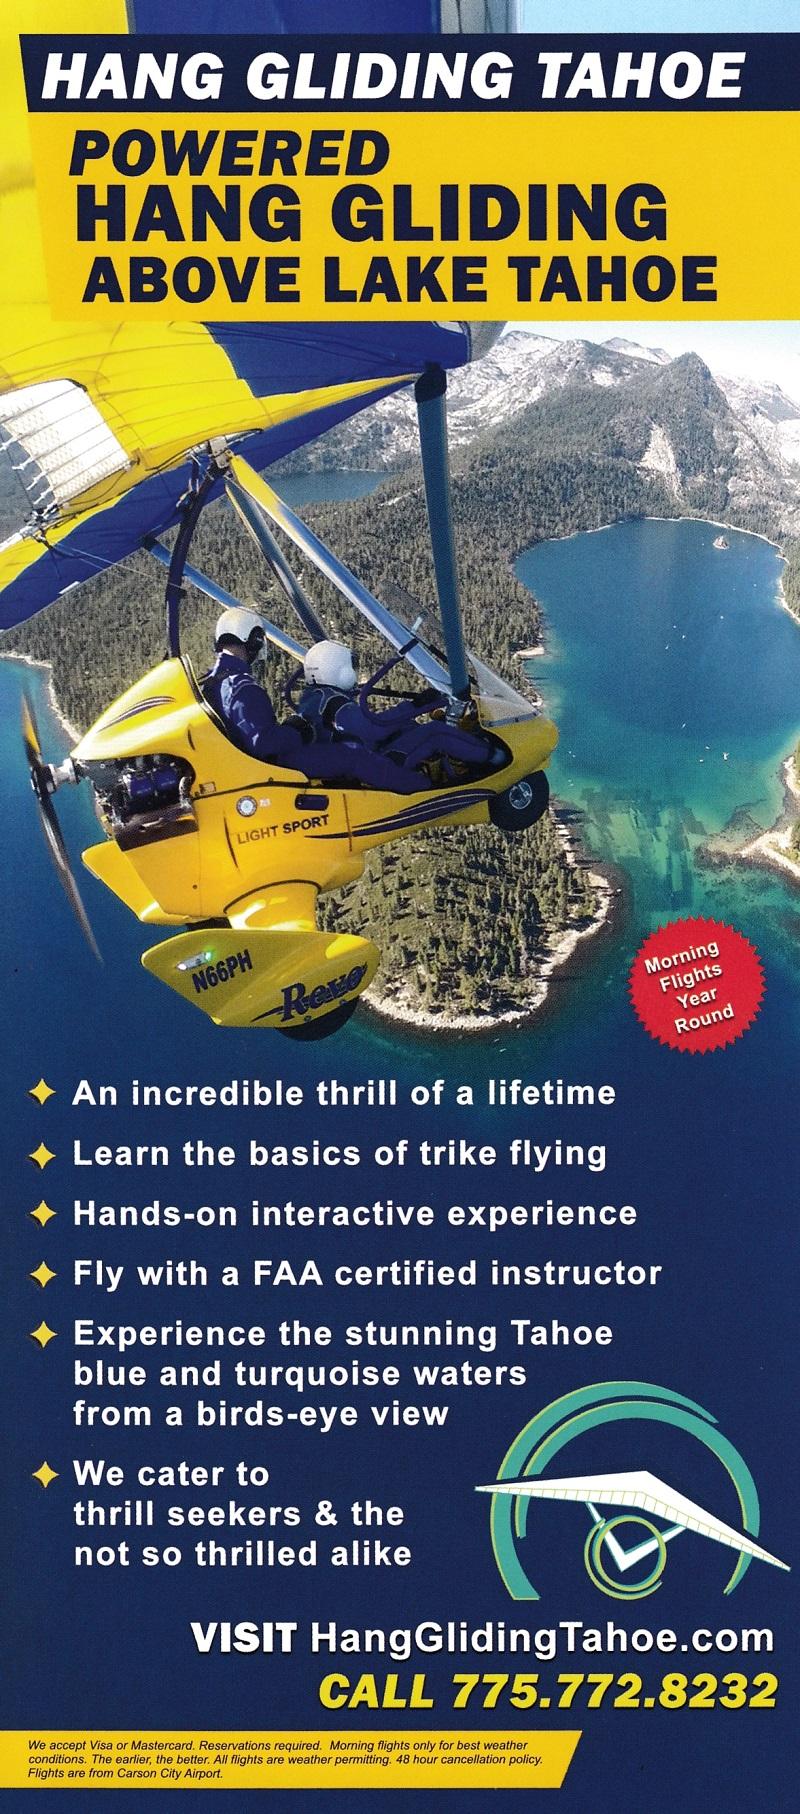 Hang Gliding Lake Tahoe